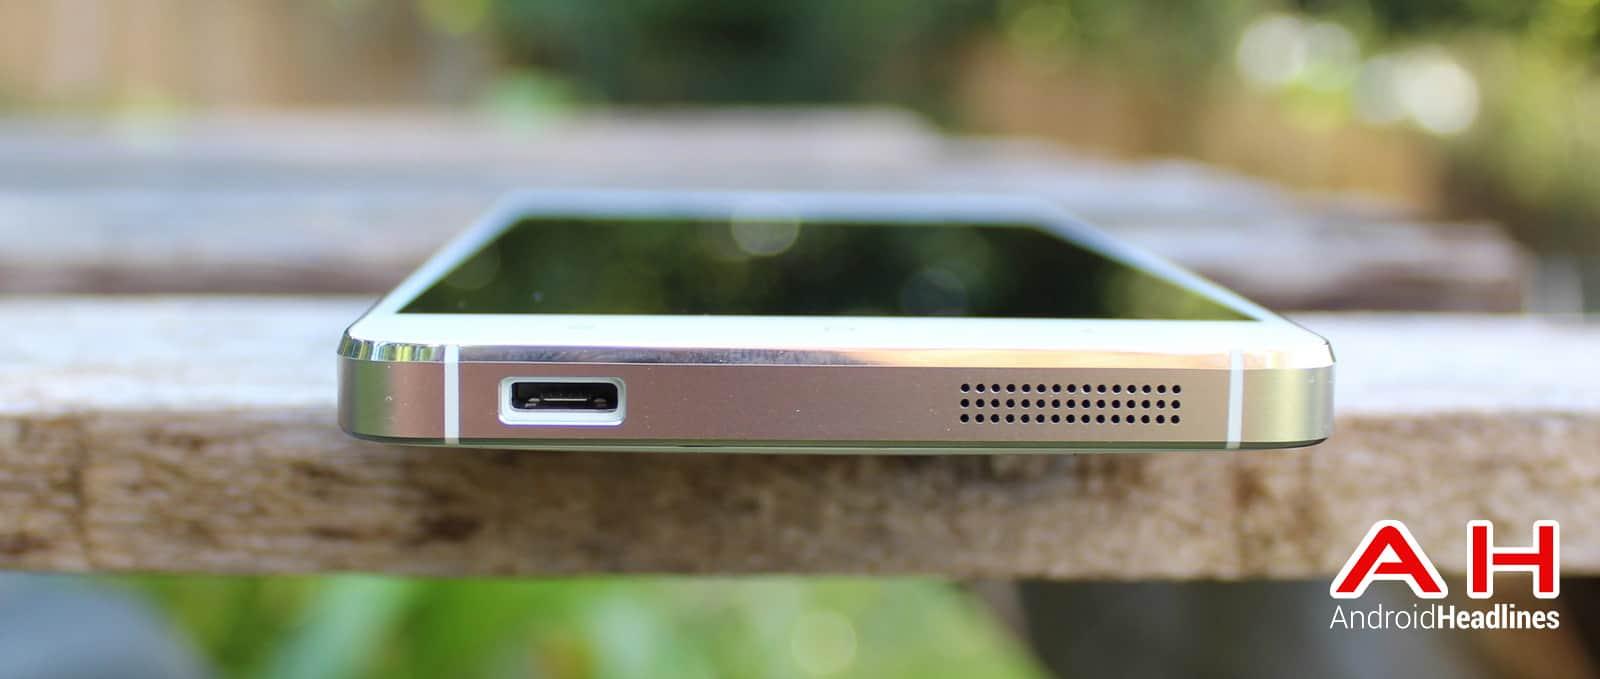 Xiaomi-Mi4-14